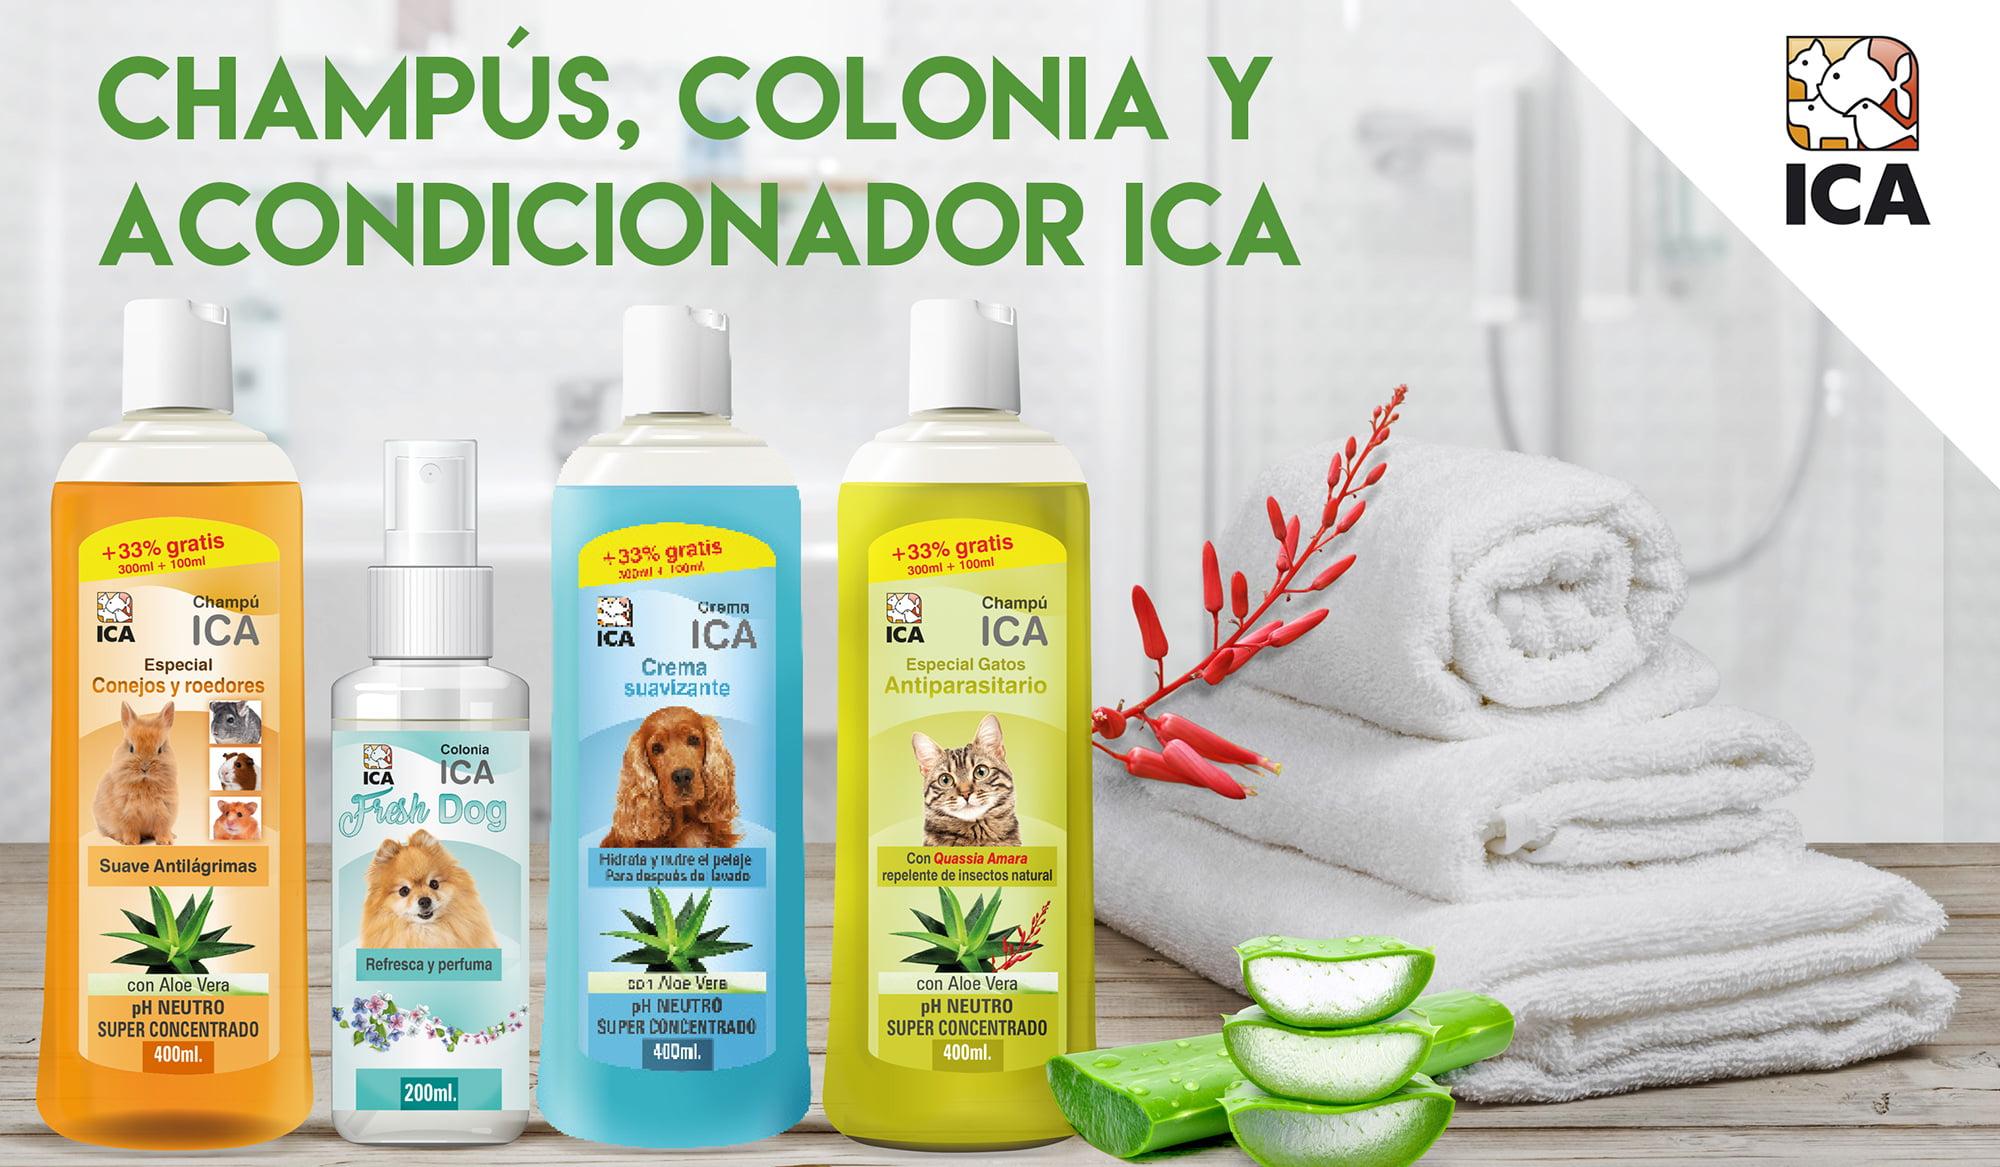 Champús, acondicionador y colonia ICA